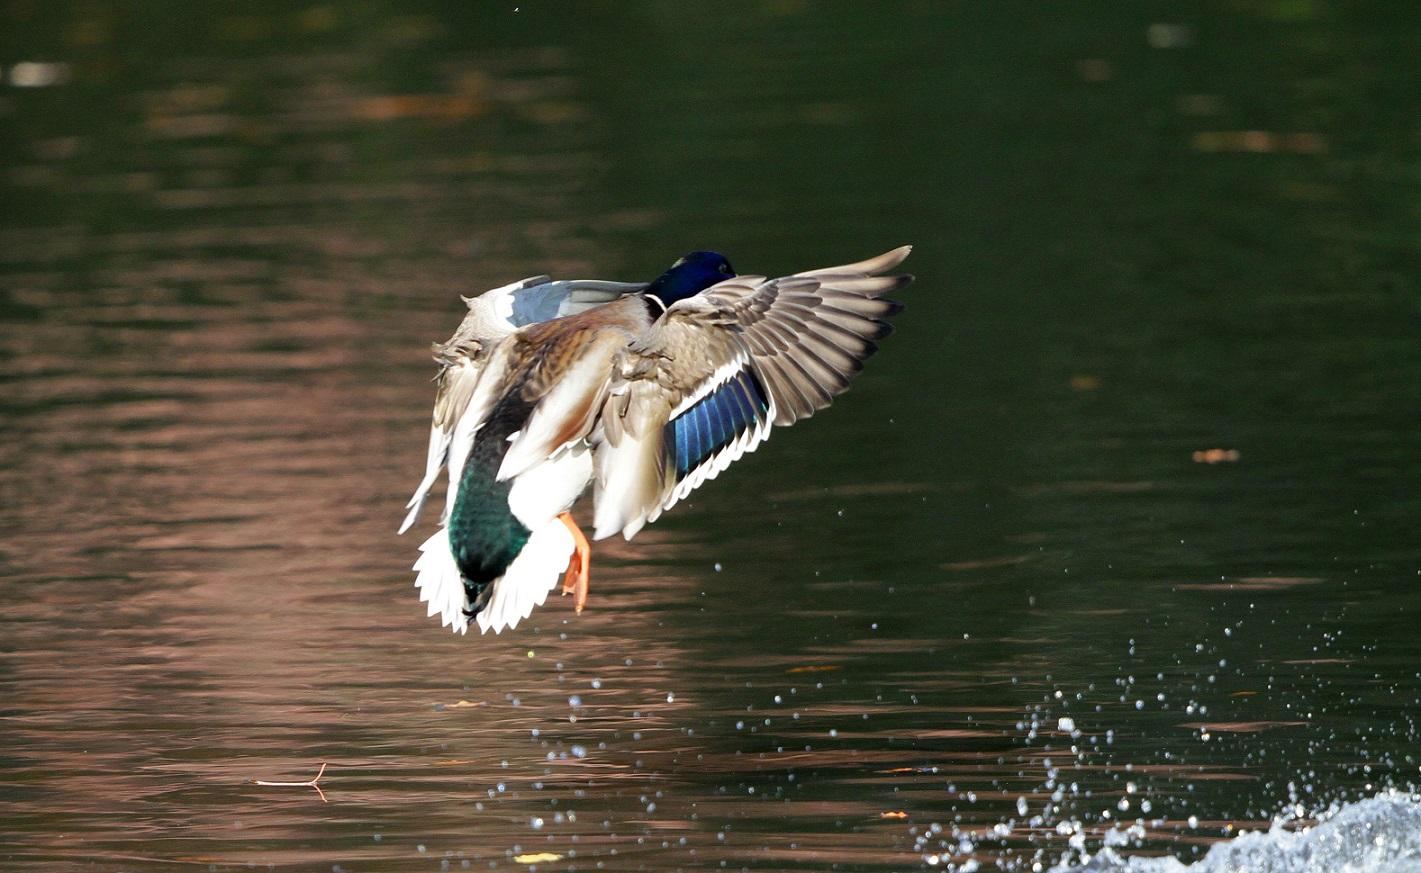 マガモの飛翔は綺麗だった。_f0239515_22483559.jpg